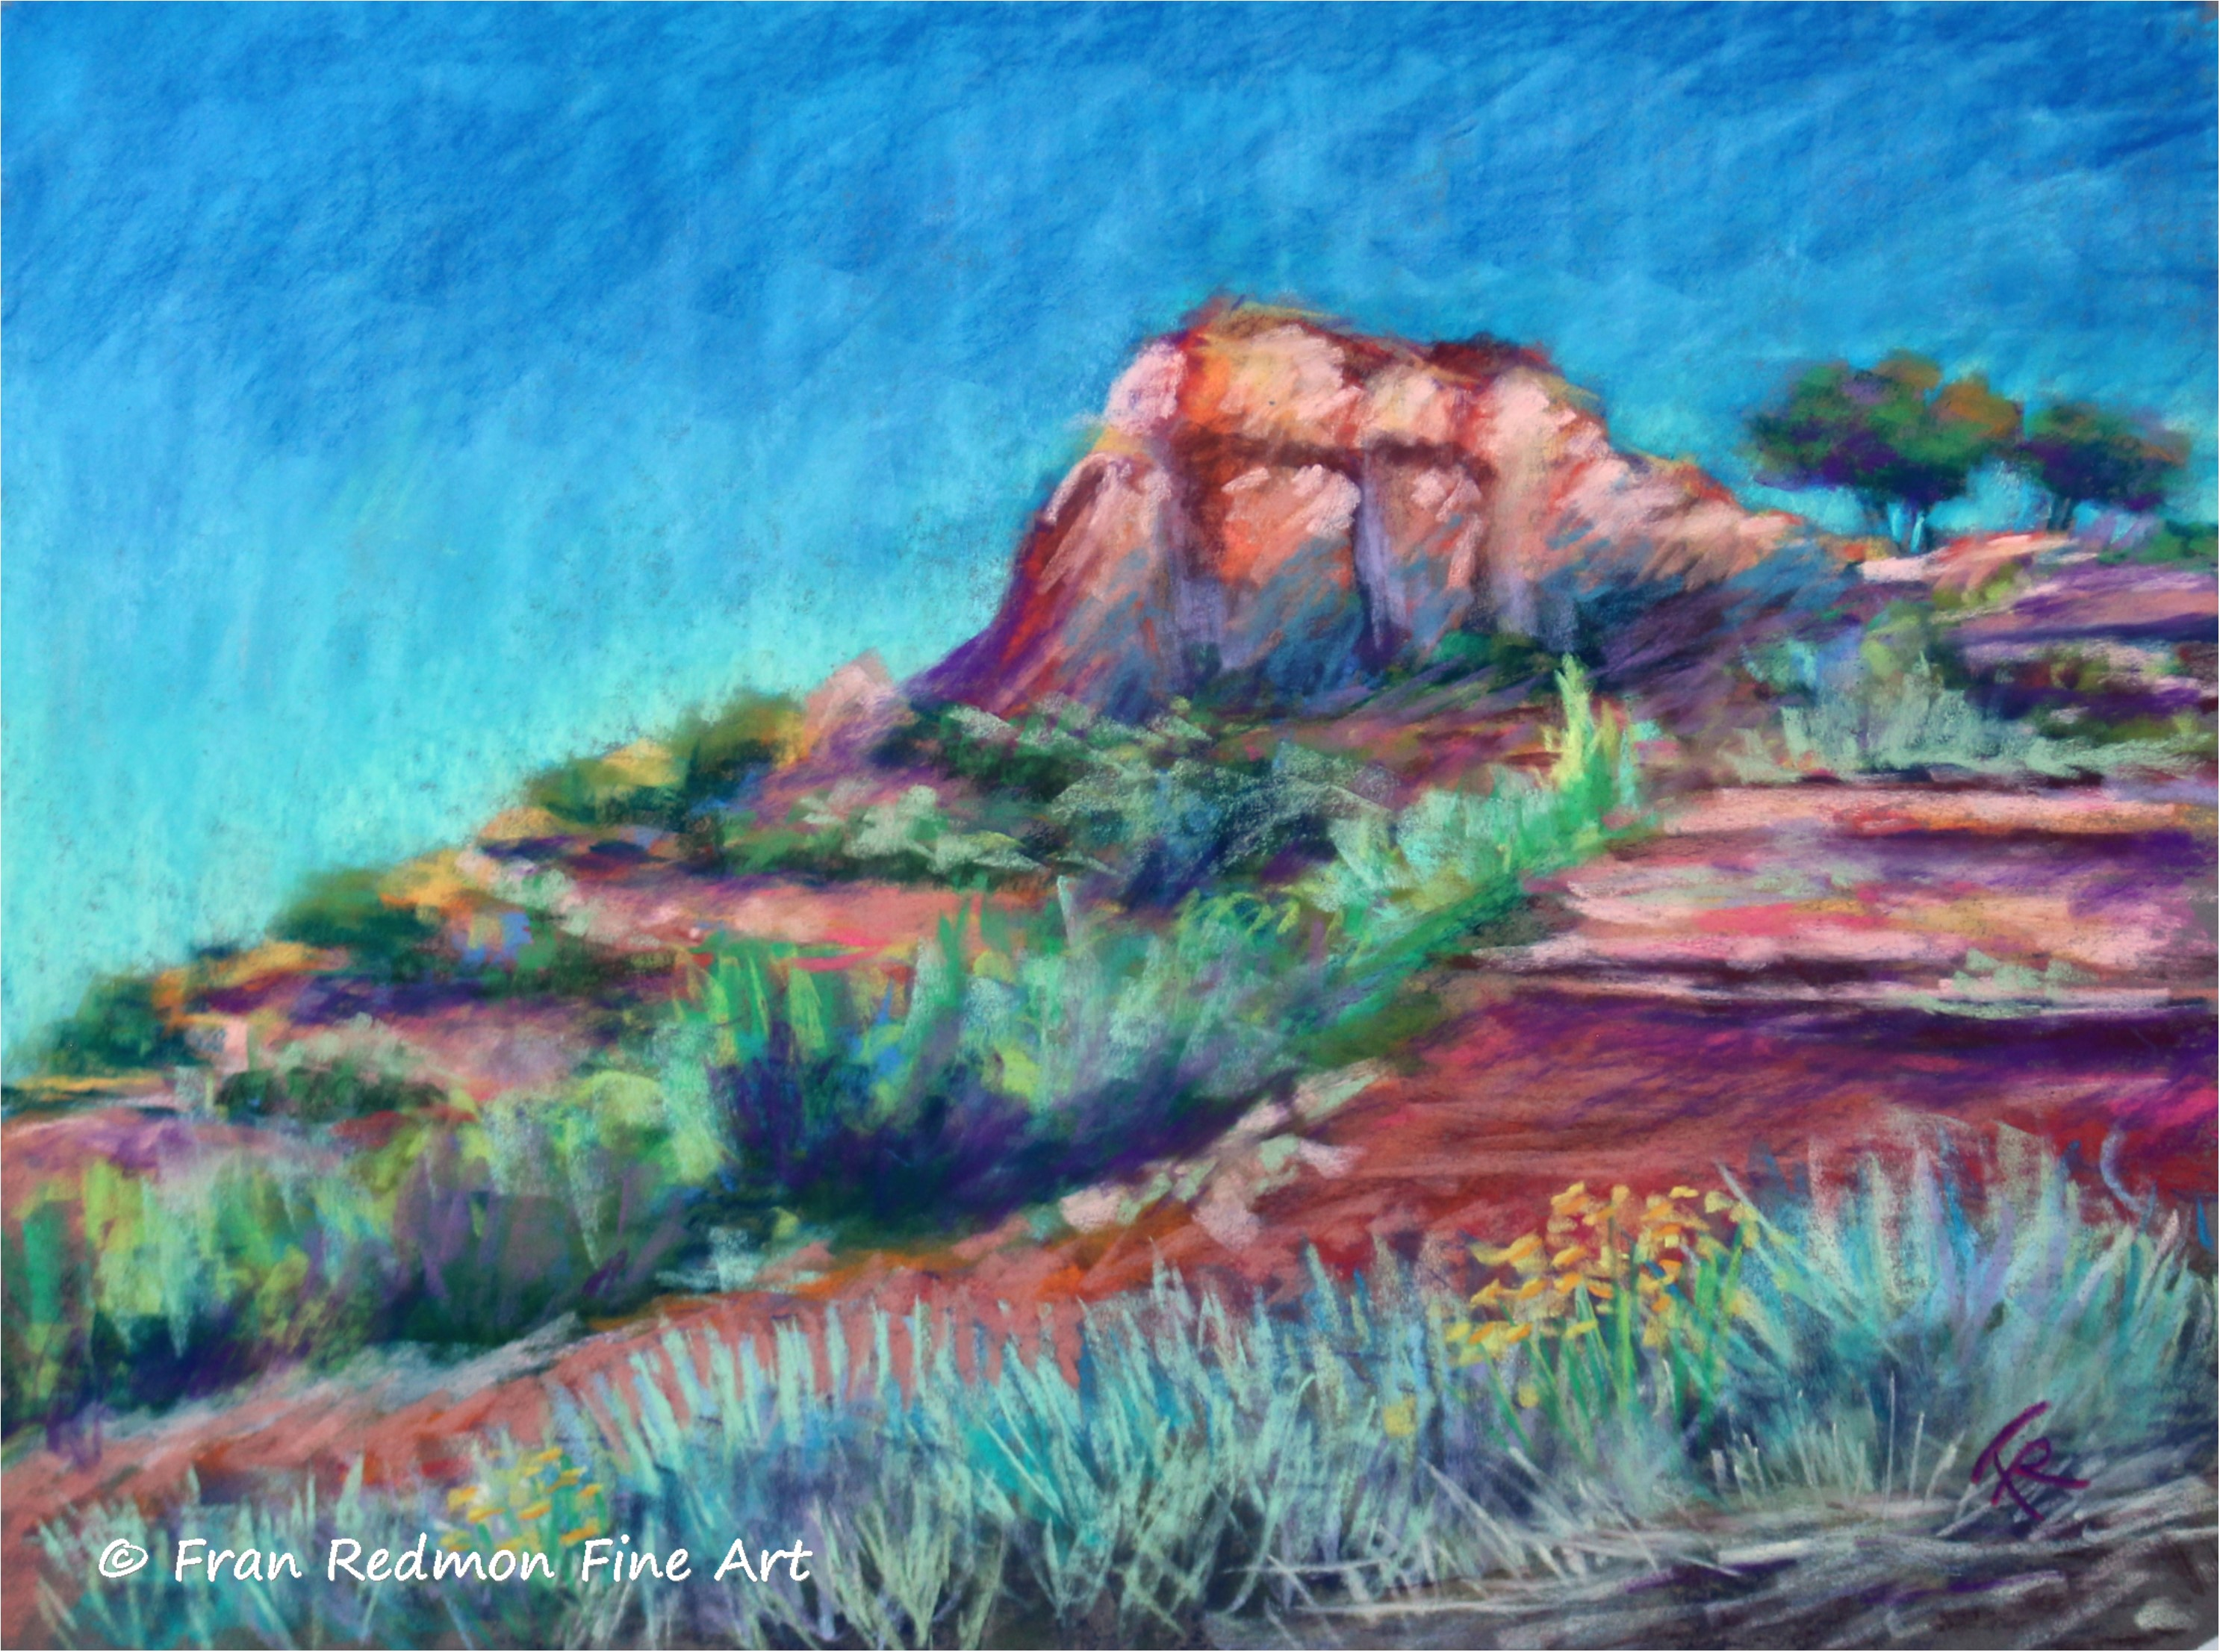 Kolob Canyon Vignette